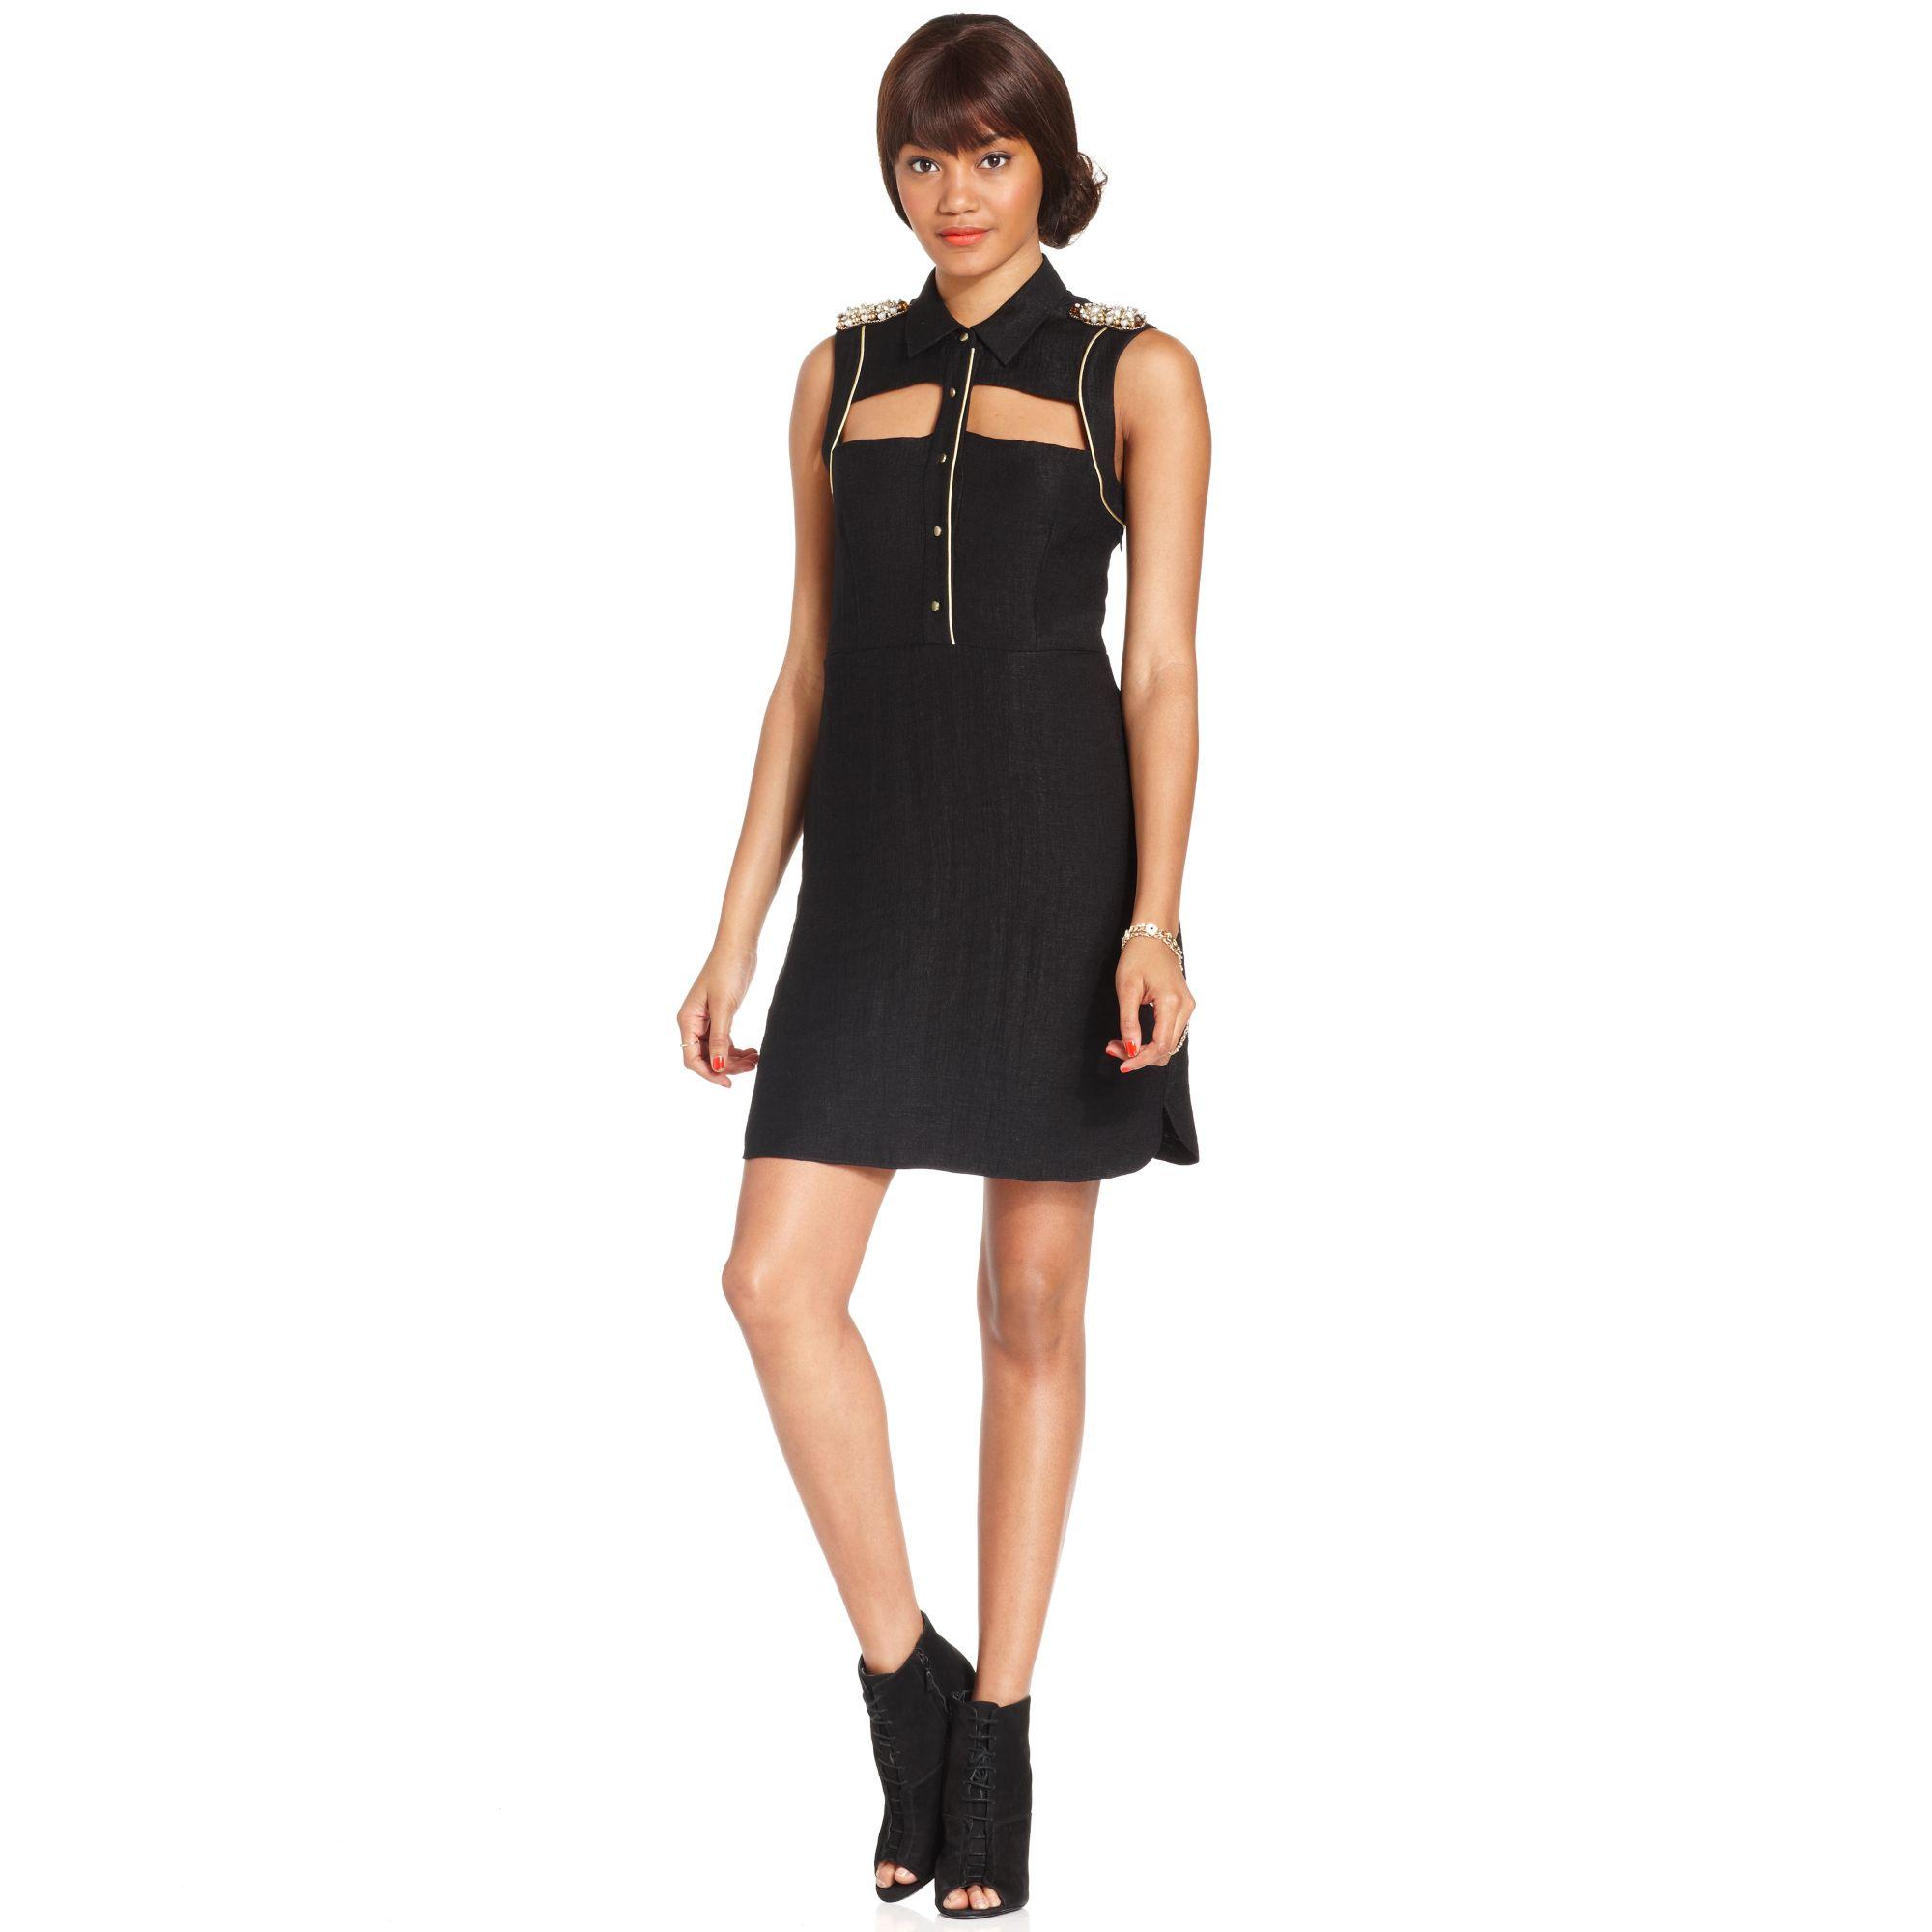 Rachel Rachel Roy Dress Sleeveless Beaded Cutout